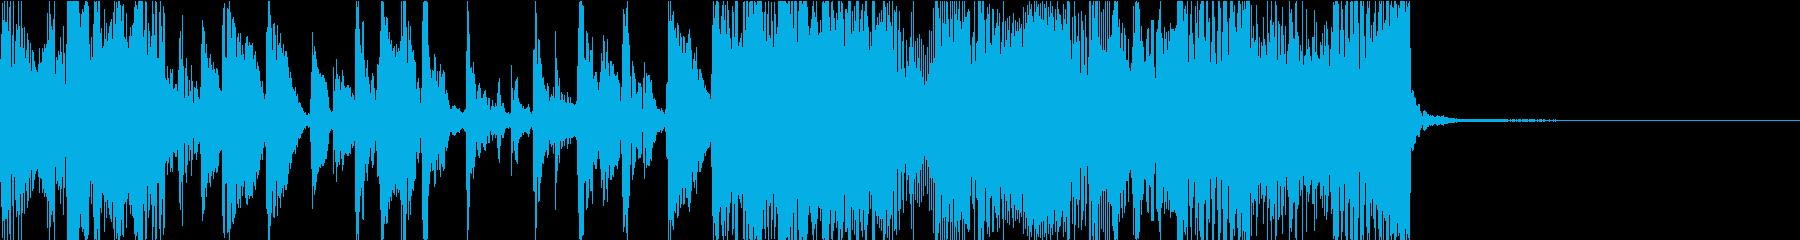 ダーティーなギタージングルの再生済みの波形